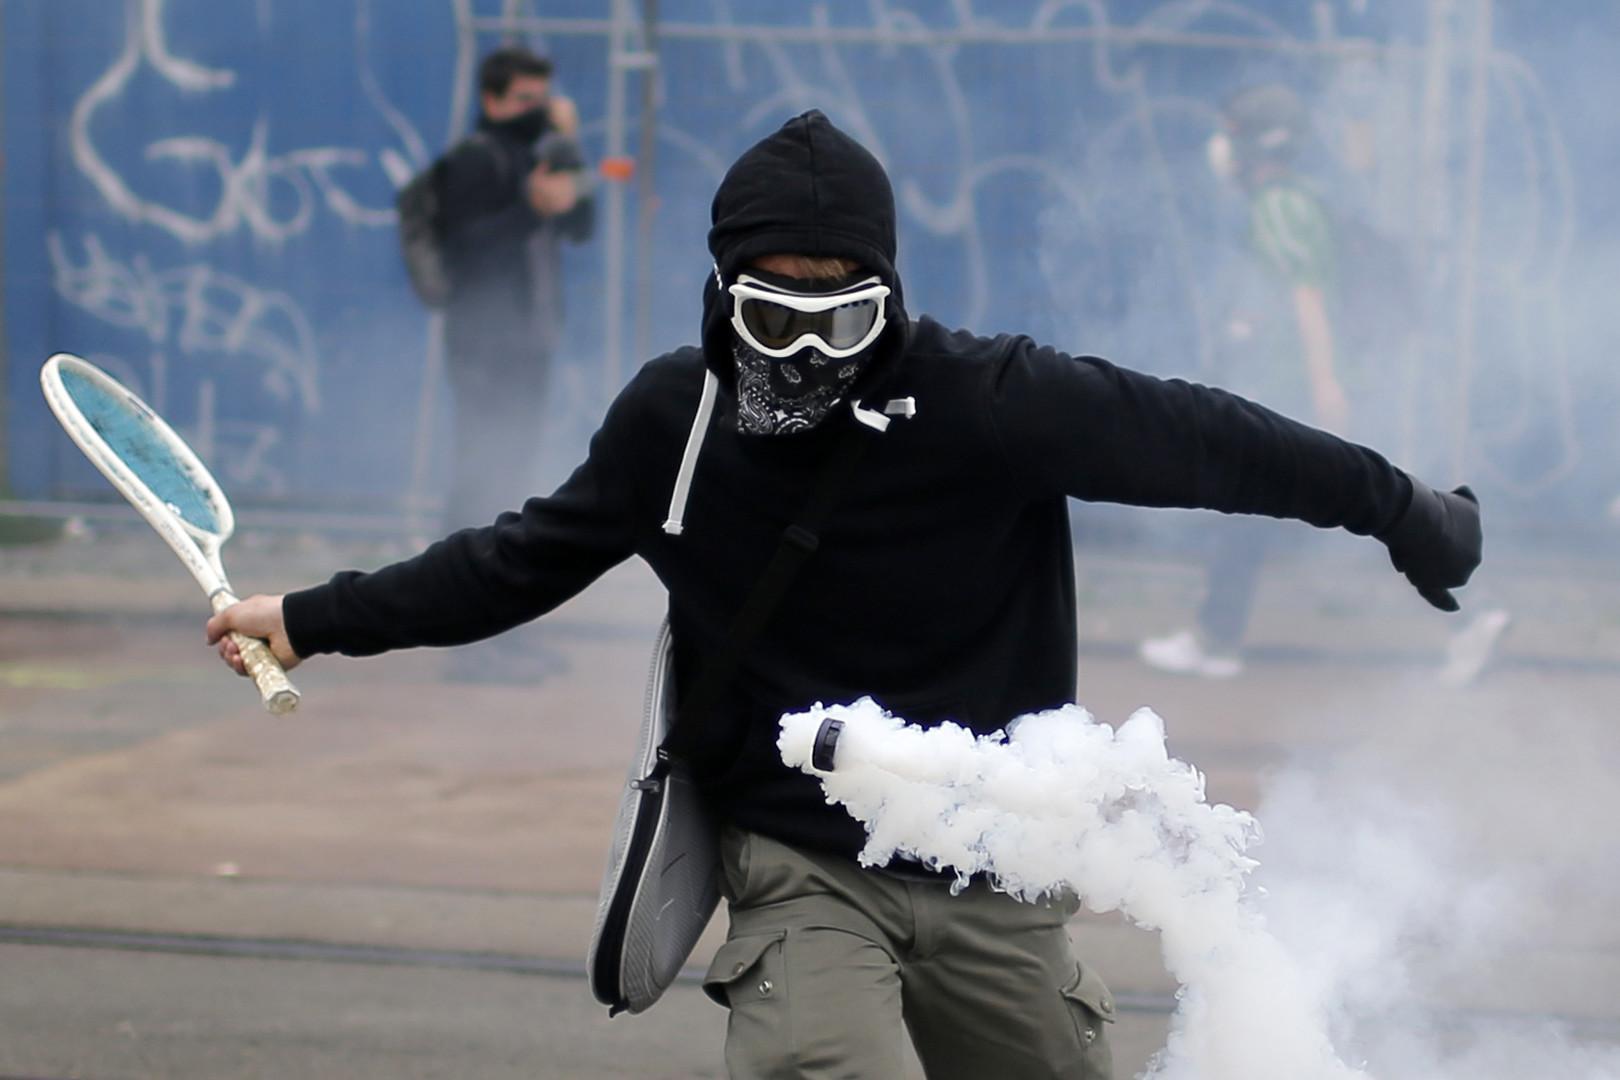 Manifestation anti-loi travail à Nantes